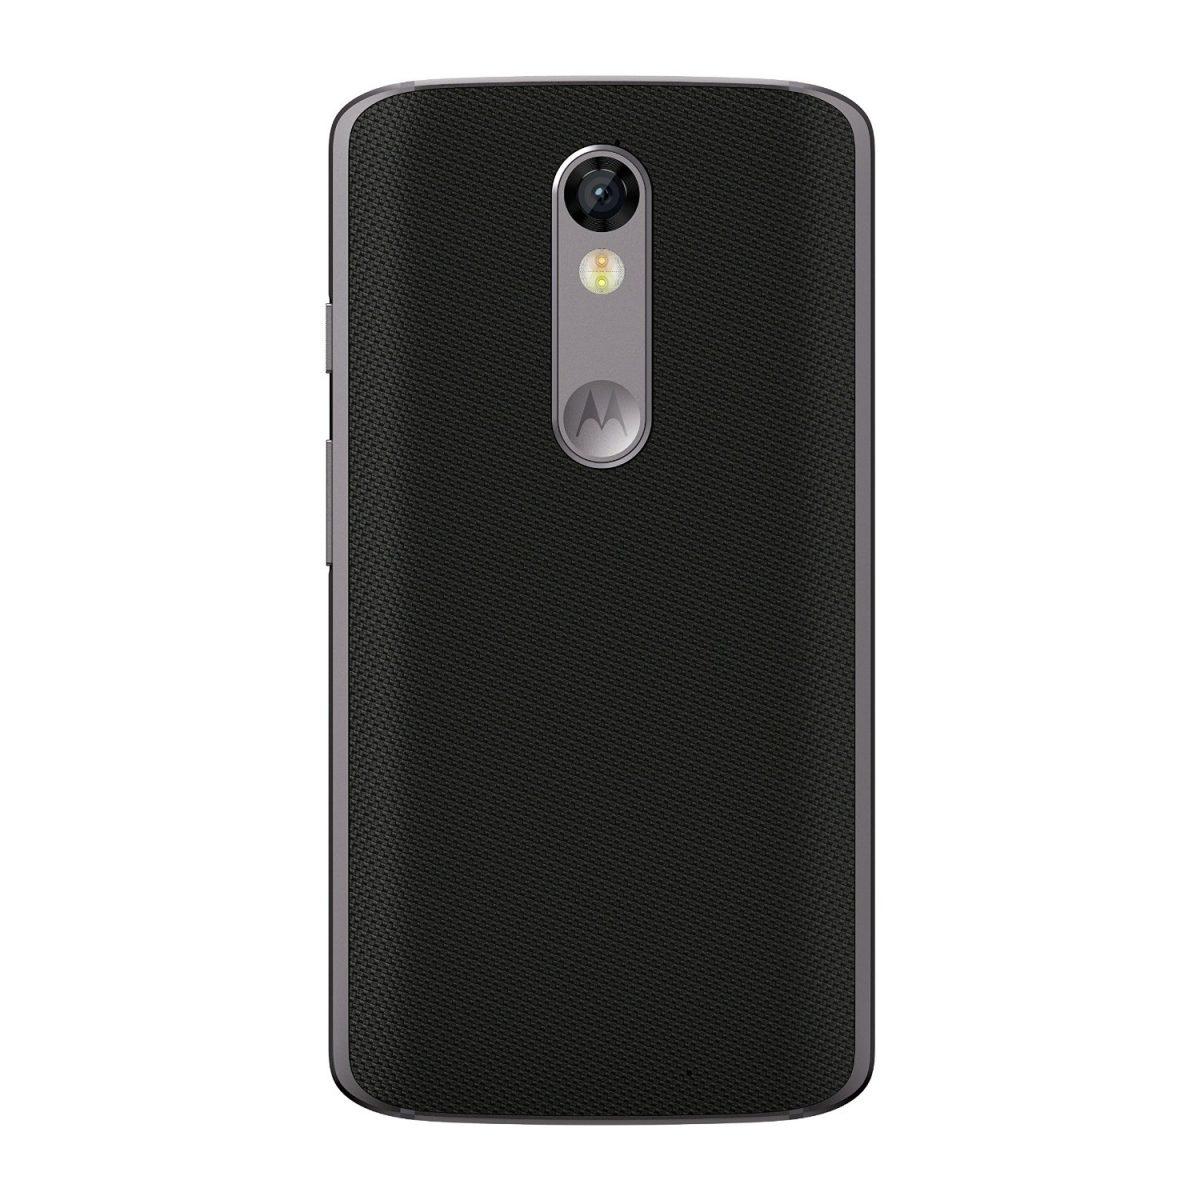 Motorola große Osteraktion mit vielen Angeboten 11